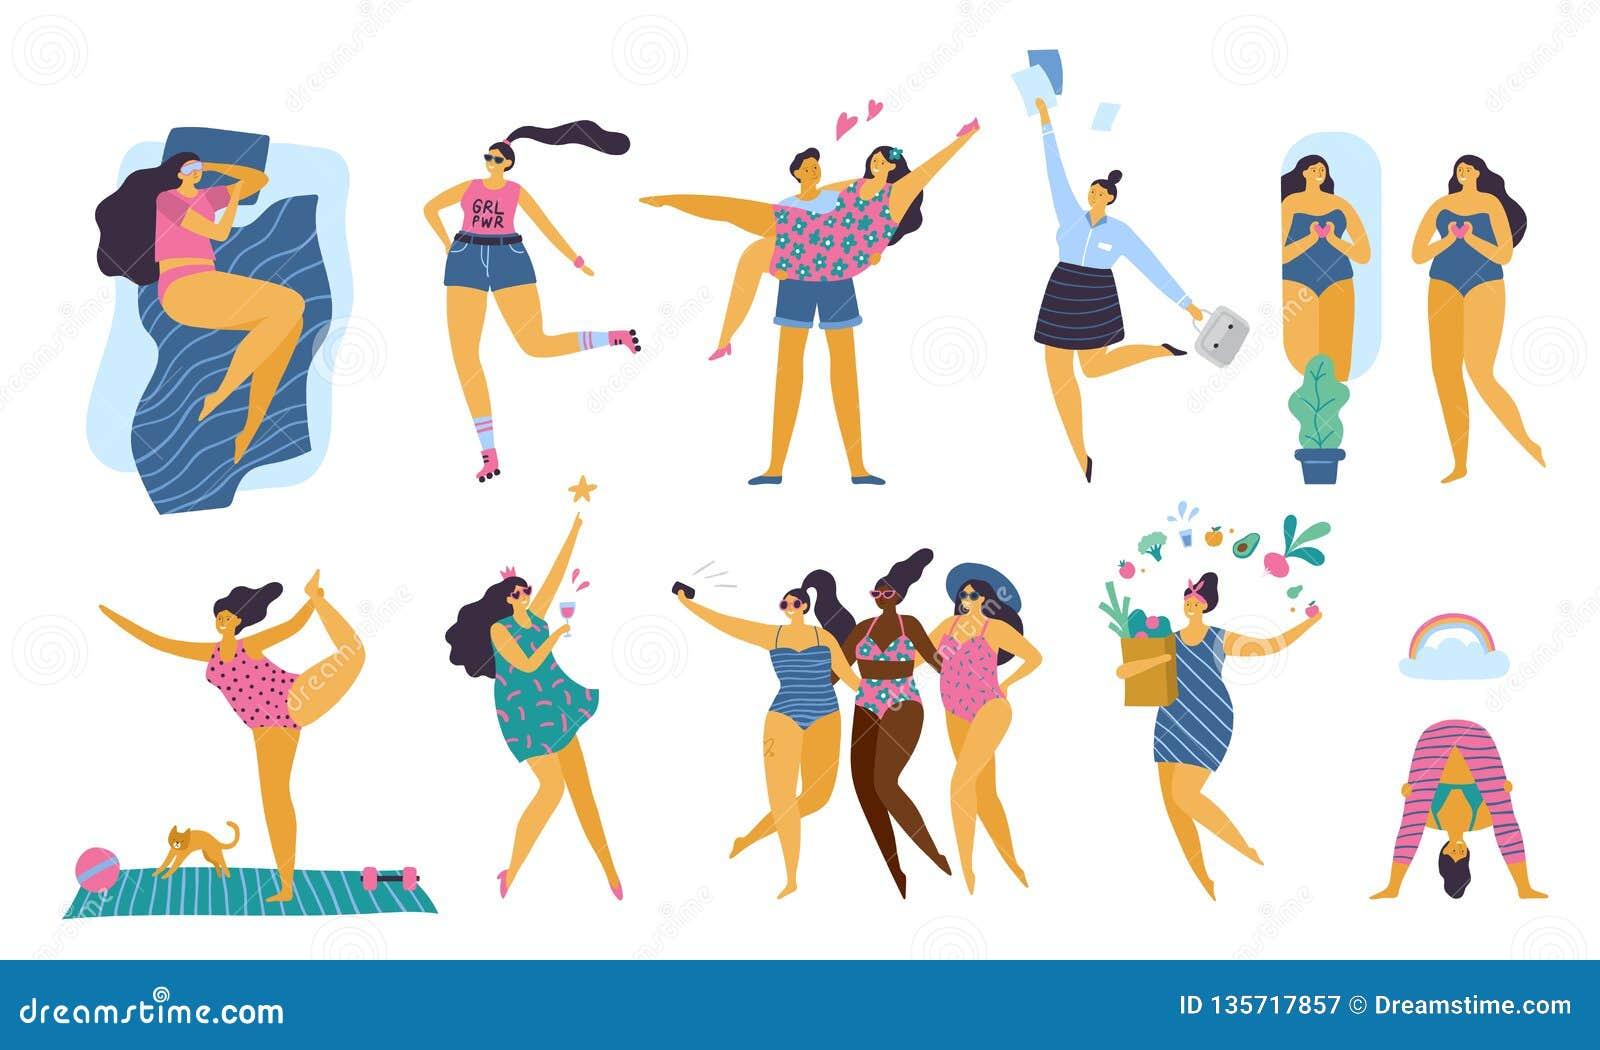 Девушки счастливого тела положительные со здоровым образом жизни делая йогу, спорт, любовь и потеху